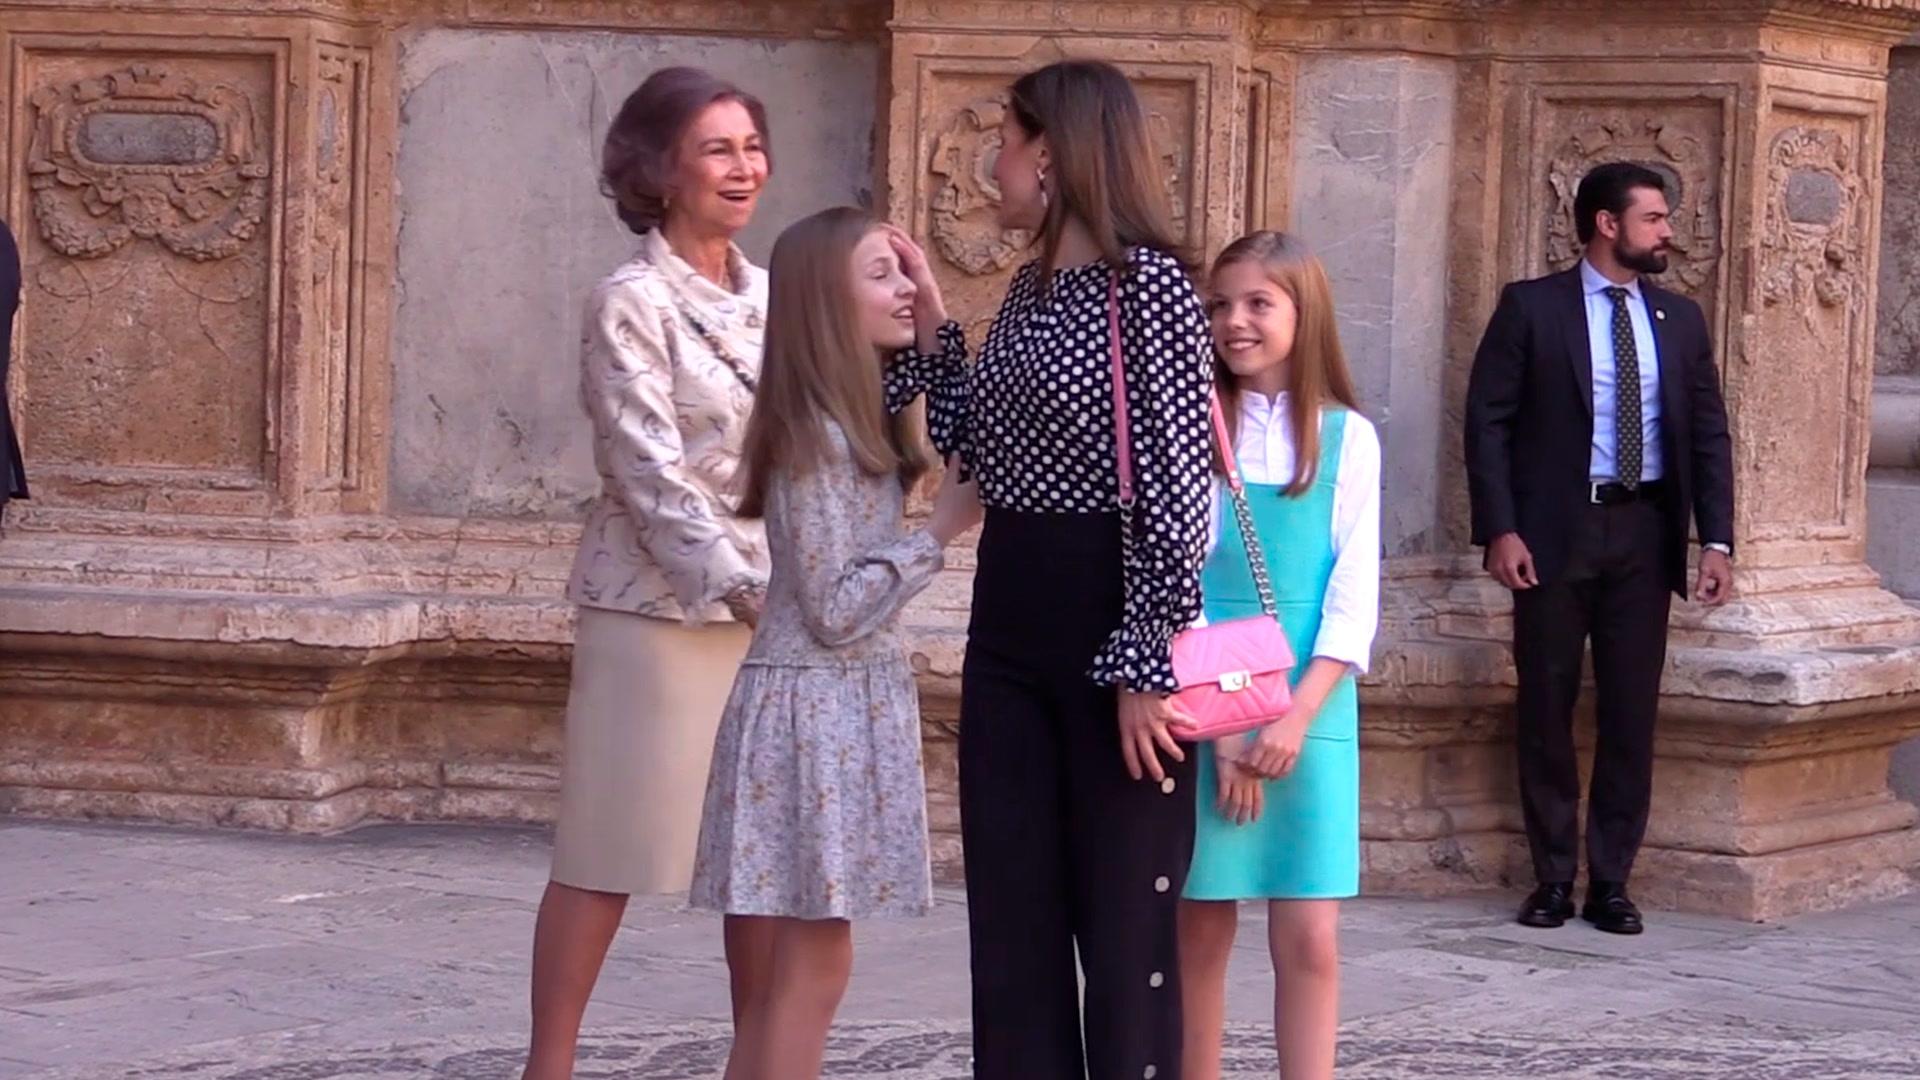 El polémico vídeo de la reina Letizia: El antes, el durante y el después